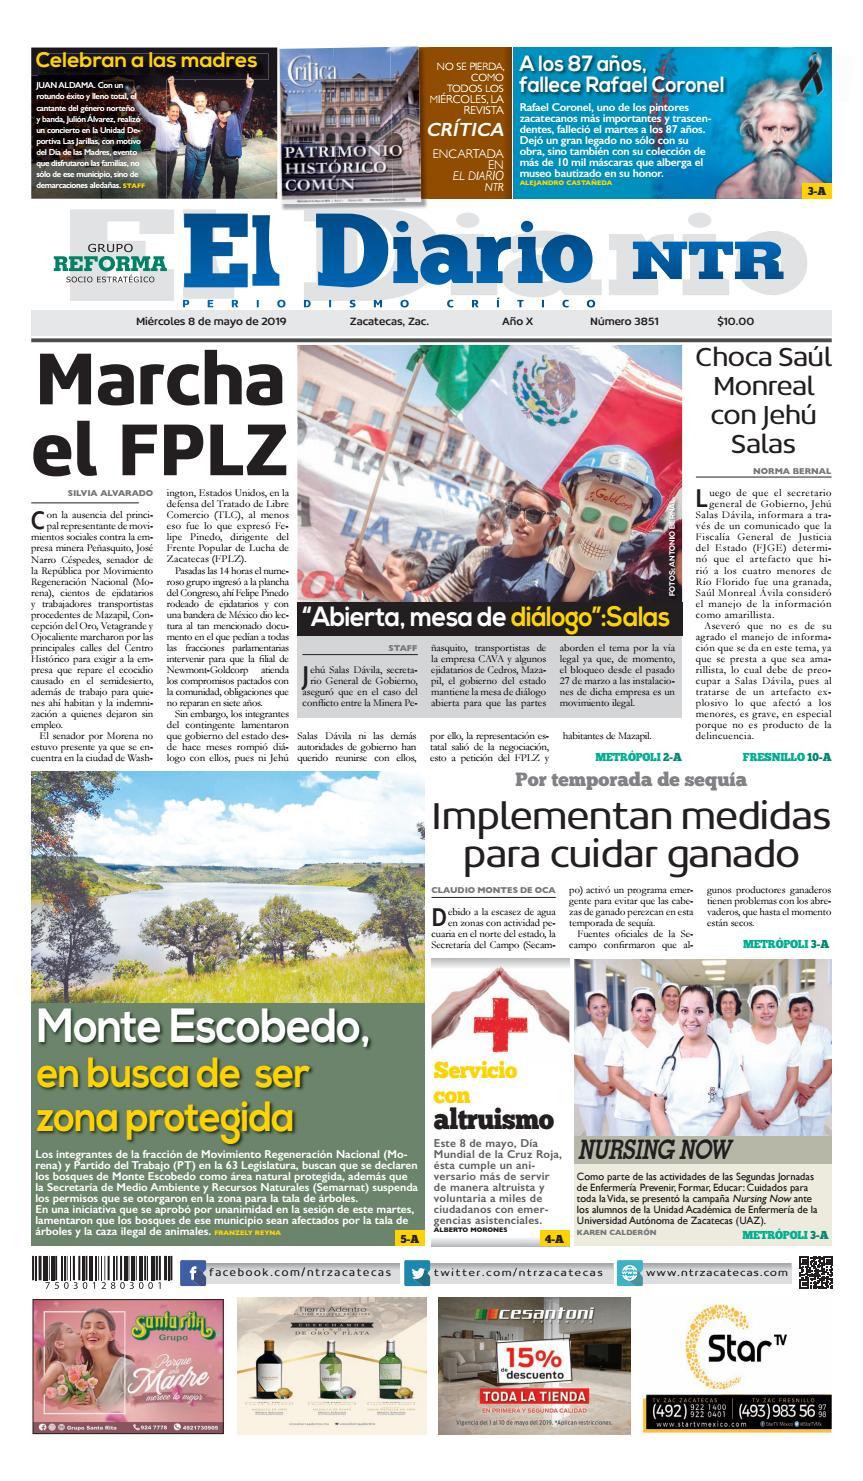 078b1f43f6b4 Diario NTR by NTR Medios de Comunicación - issuu